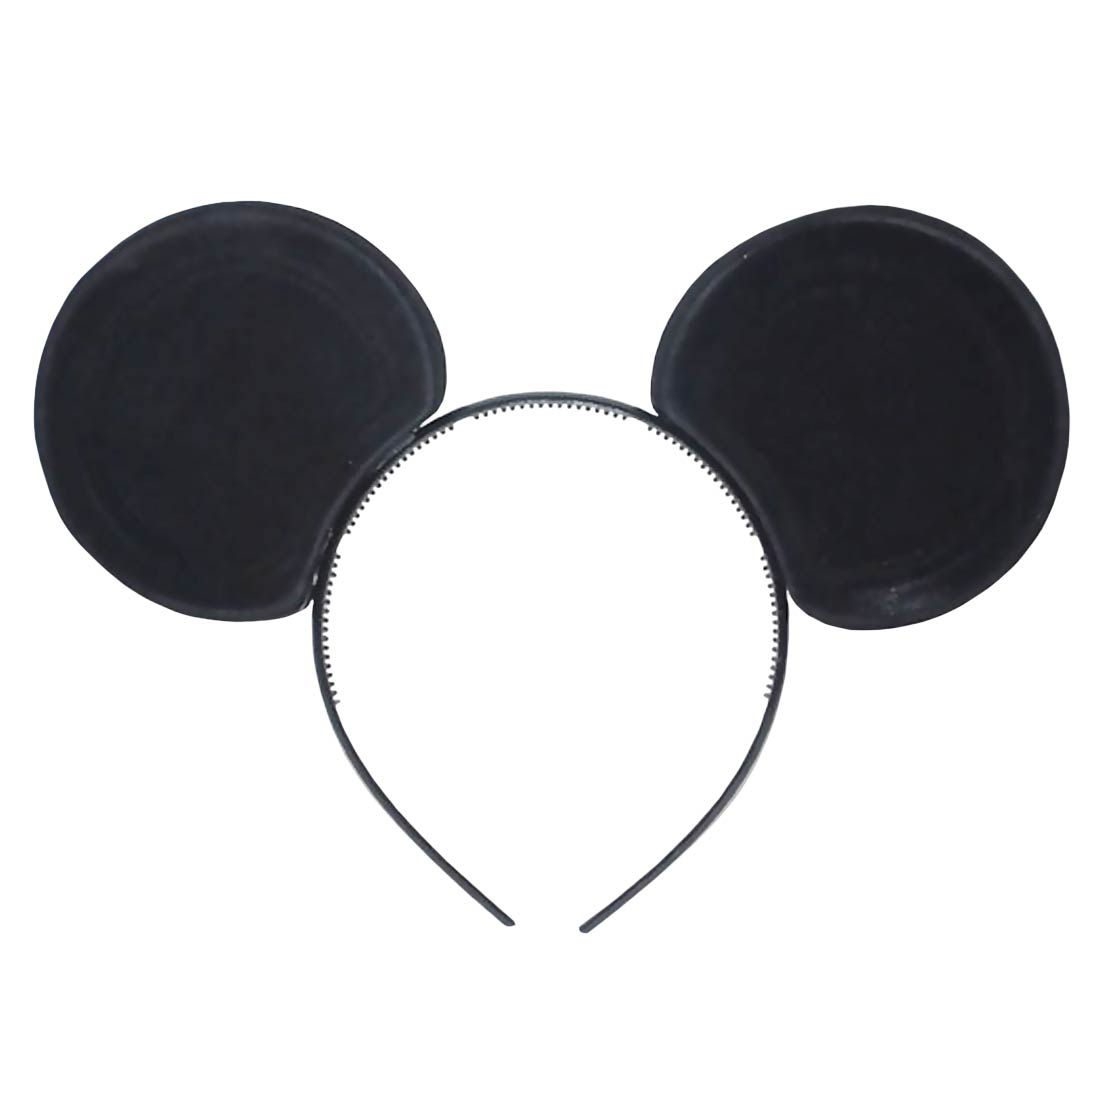 Ушки для мышки своими руками из бумаги